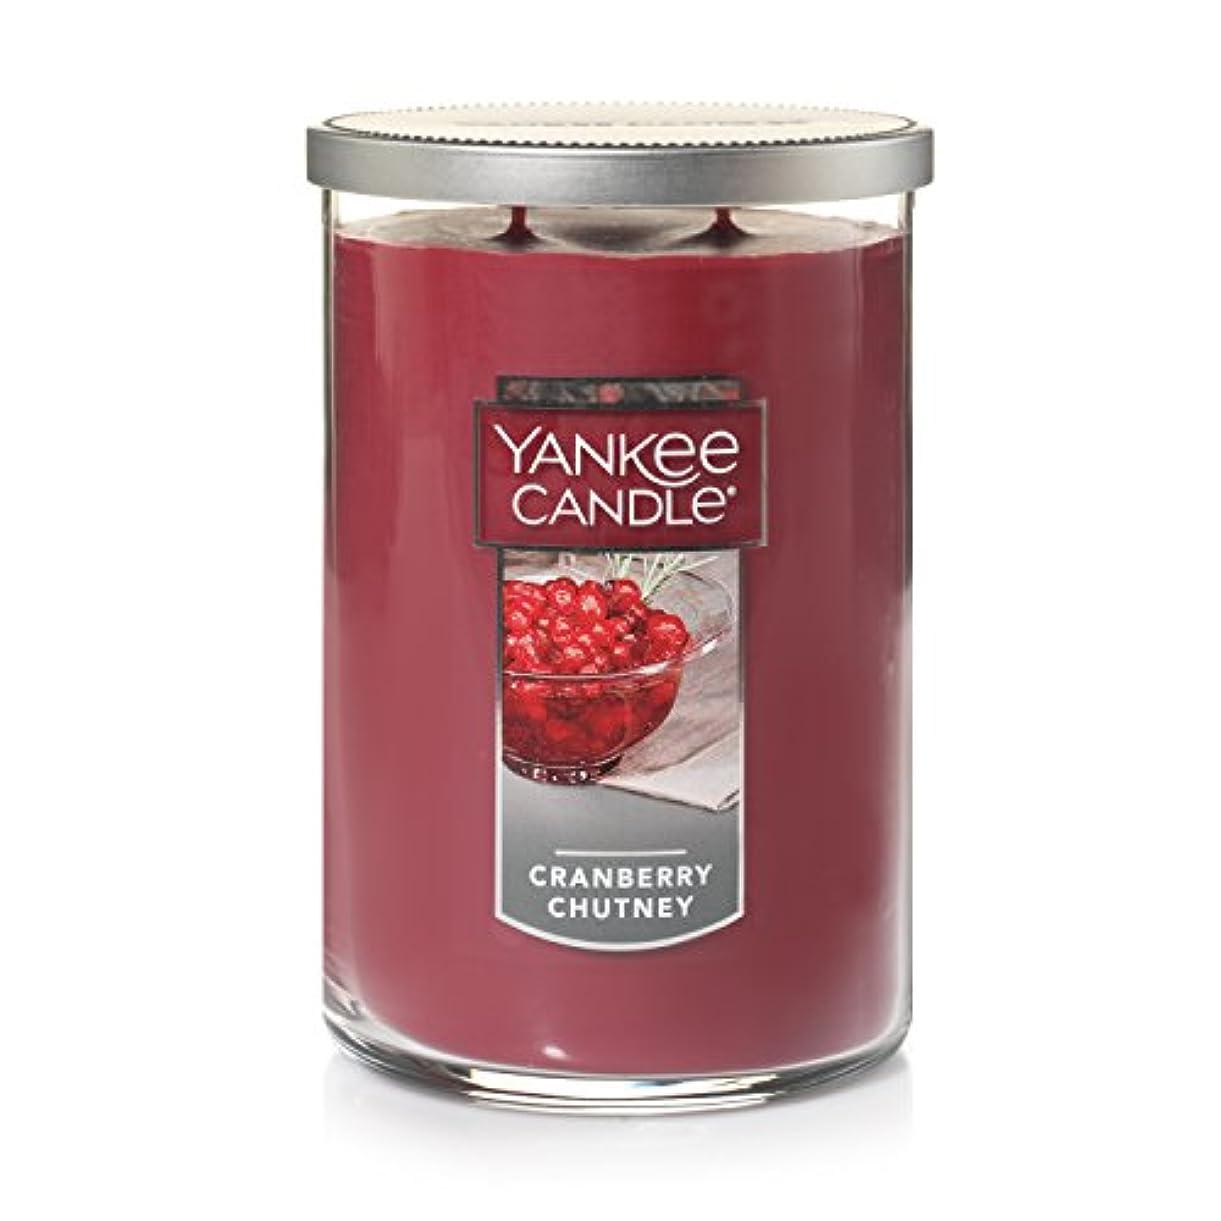 上へ学校教育ロープYankee CandleクランベリーChutney、フルーツ香り Large 2-Wick Tumbler Candle オレンジ 1123208